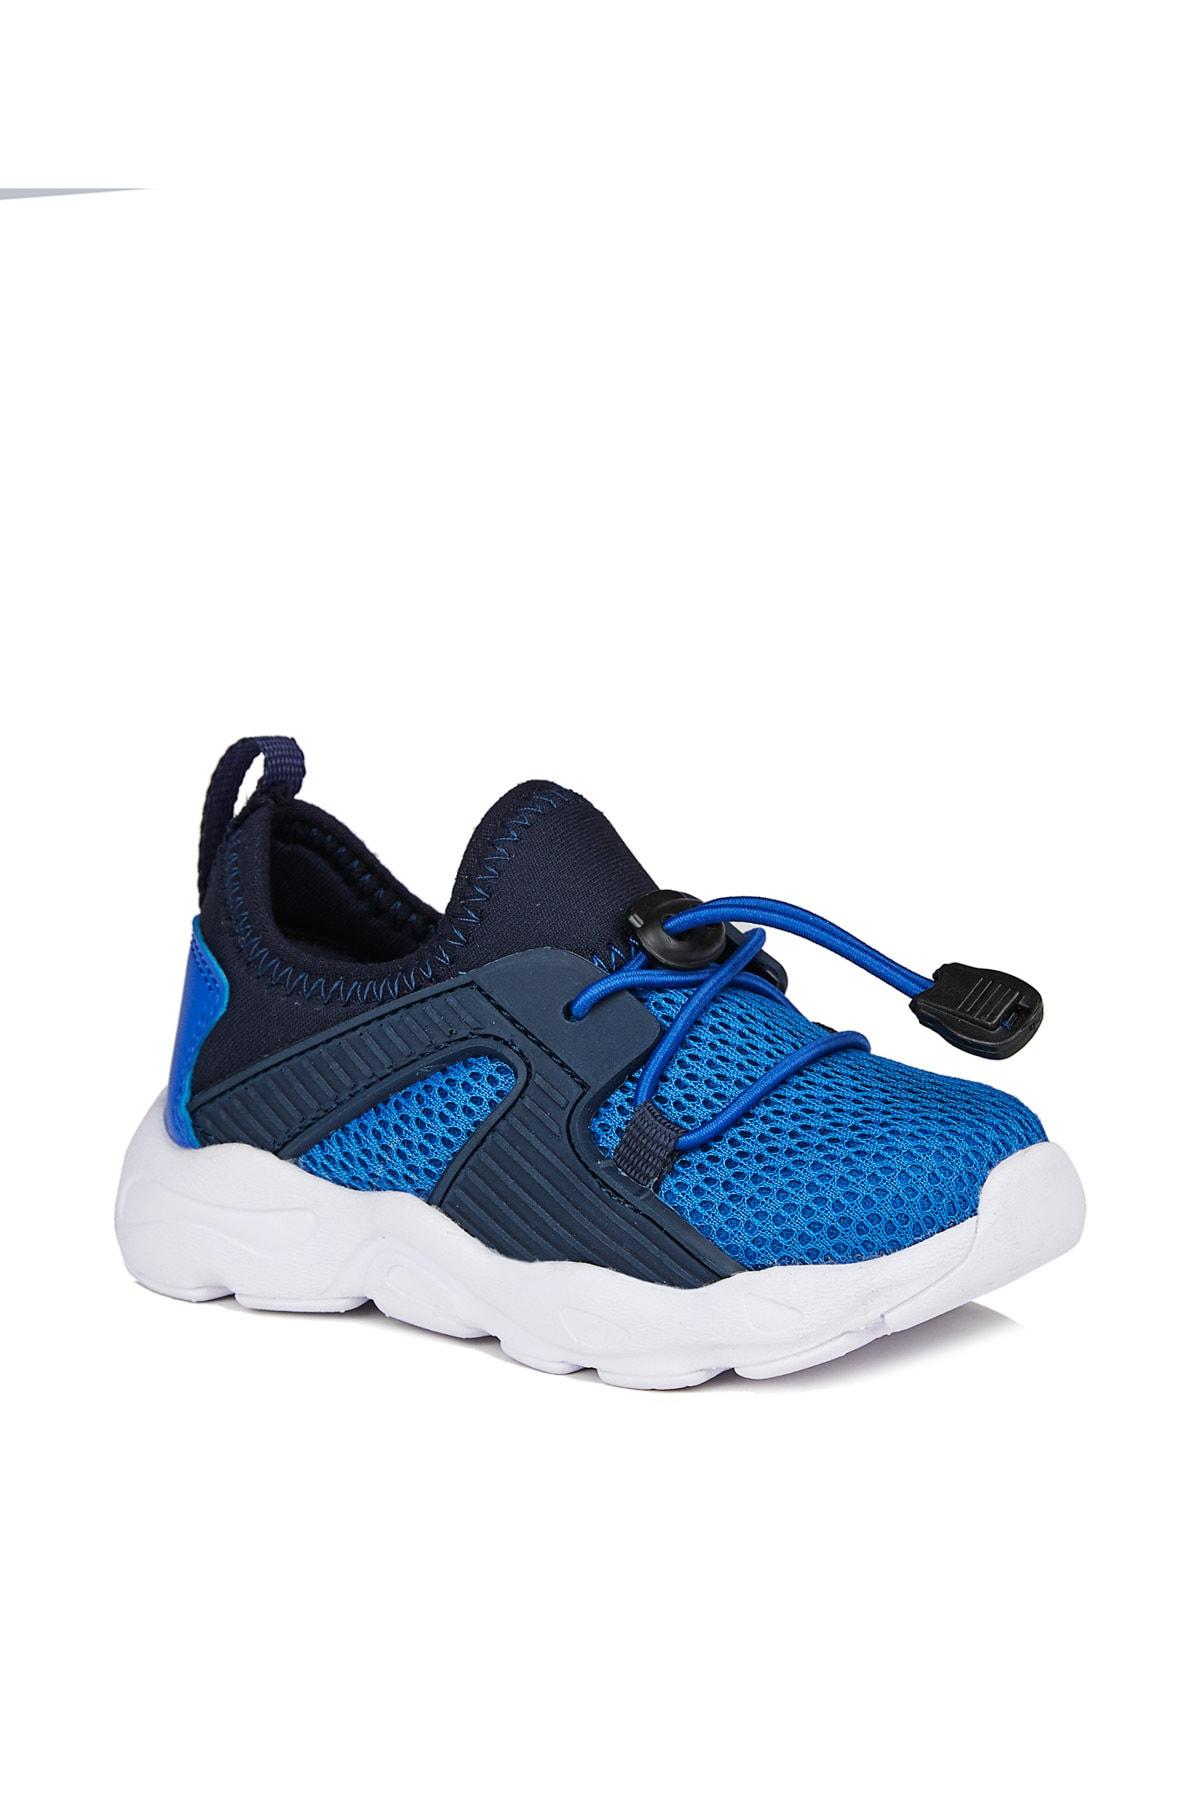 Vicco Joker Erkek Bebe Saks Mavi Spor Ayakkabı 1